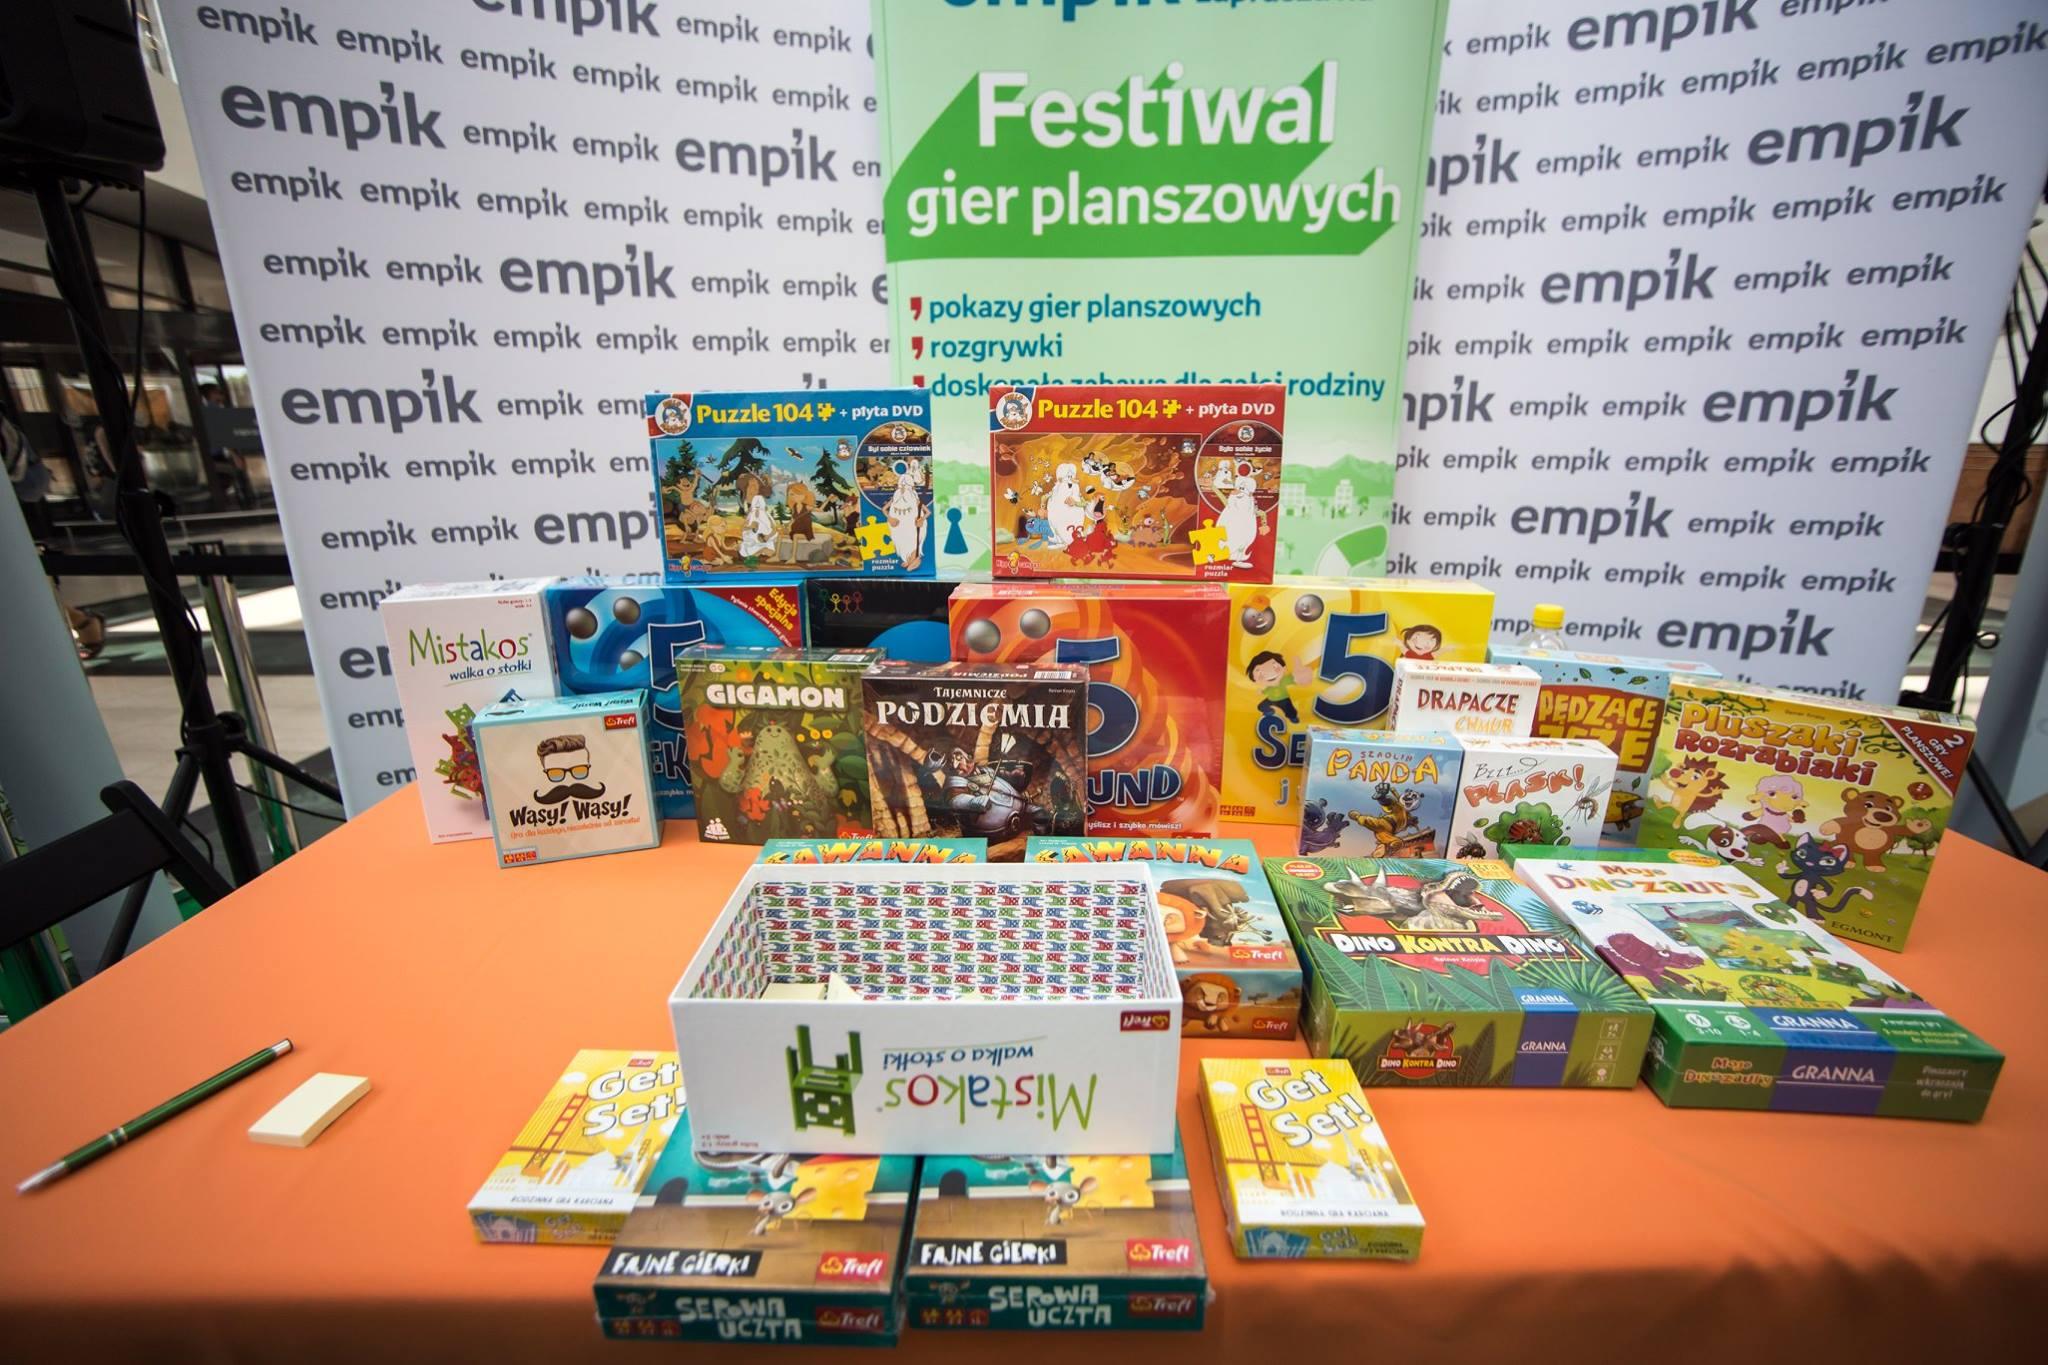 Festiwal Gier Planszowych w Empiku